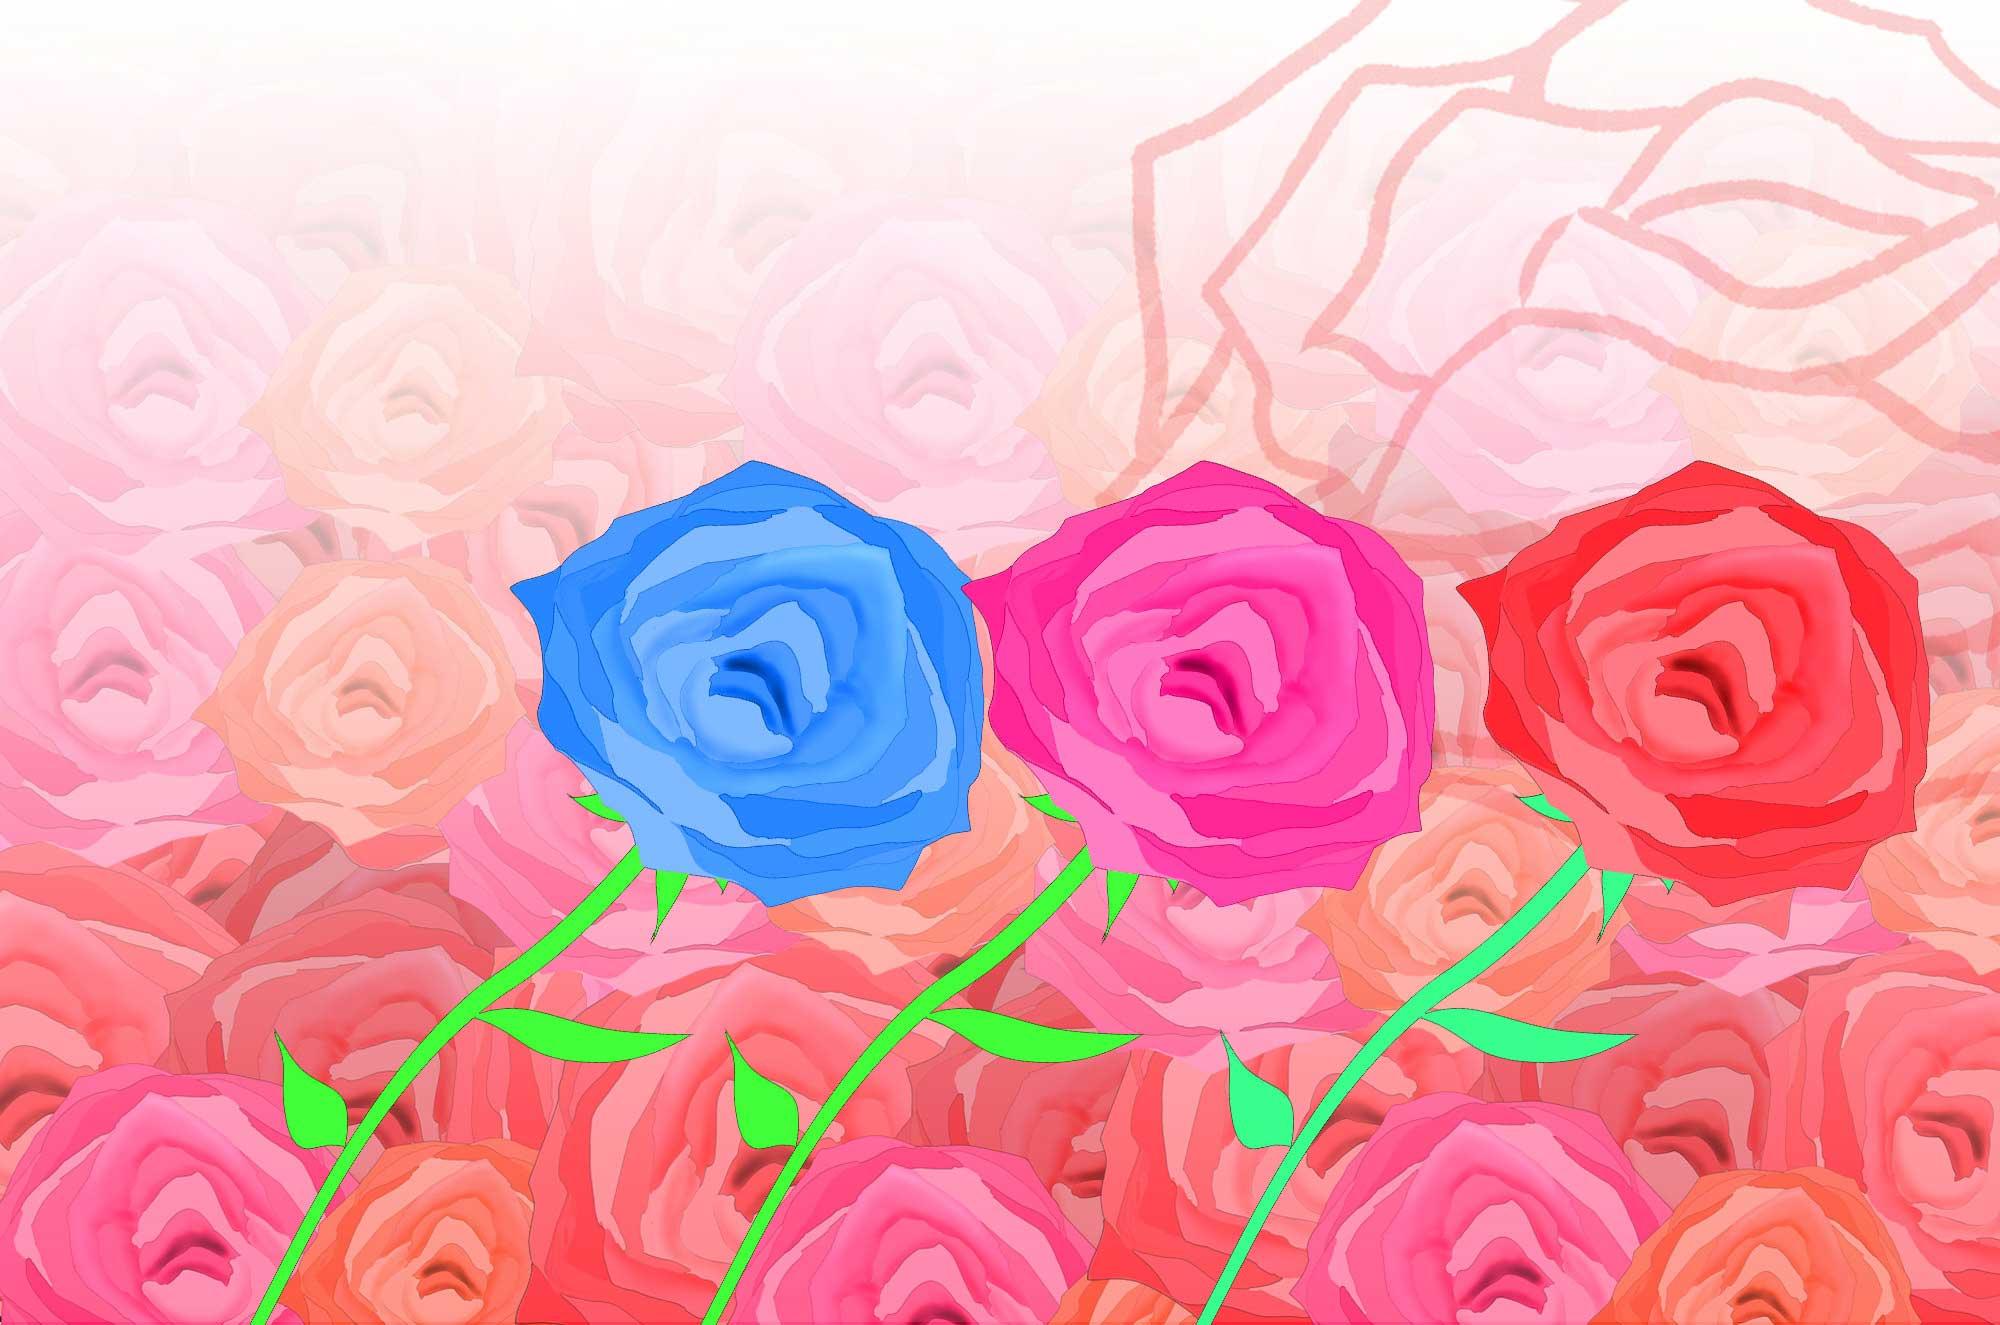 バライラスト - 可愛い薔薇とアートな花の無料素材集